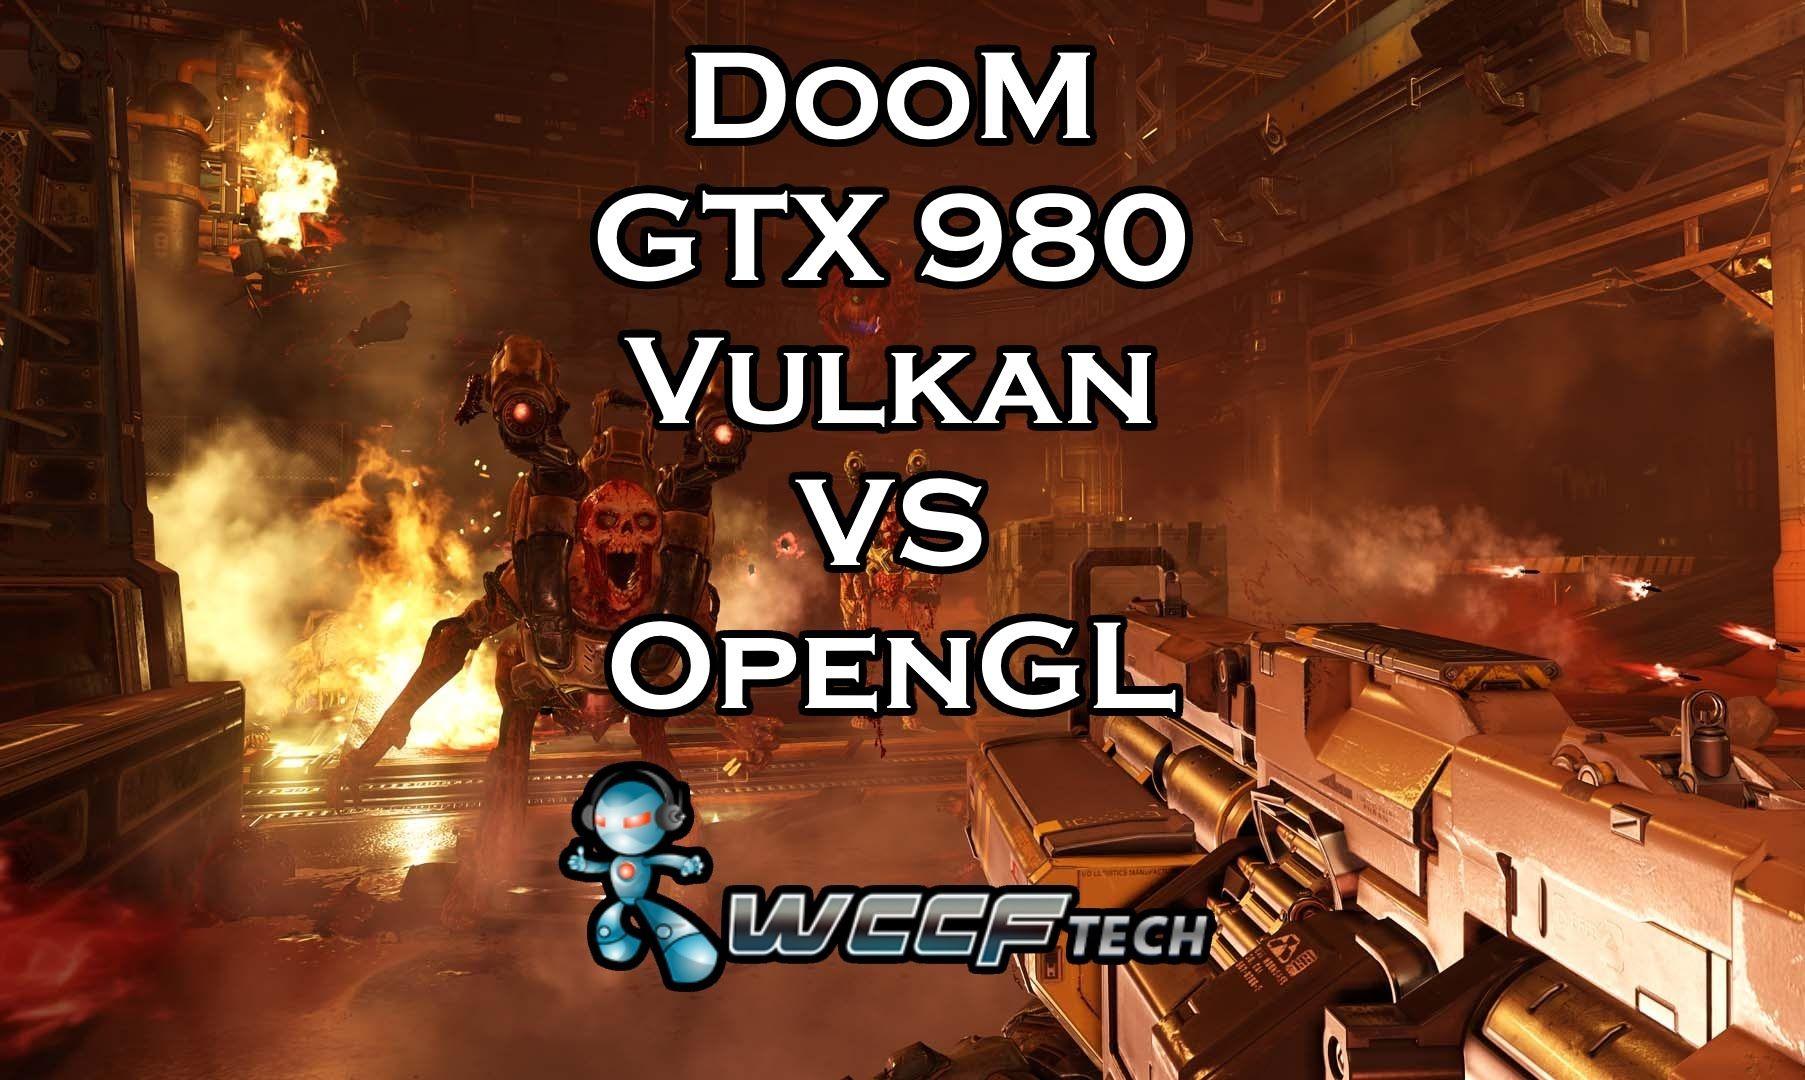 GTX 980 DOOM Vulkan vs OpenGL (With images) Doom